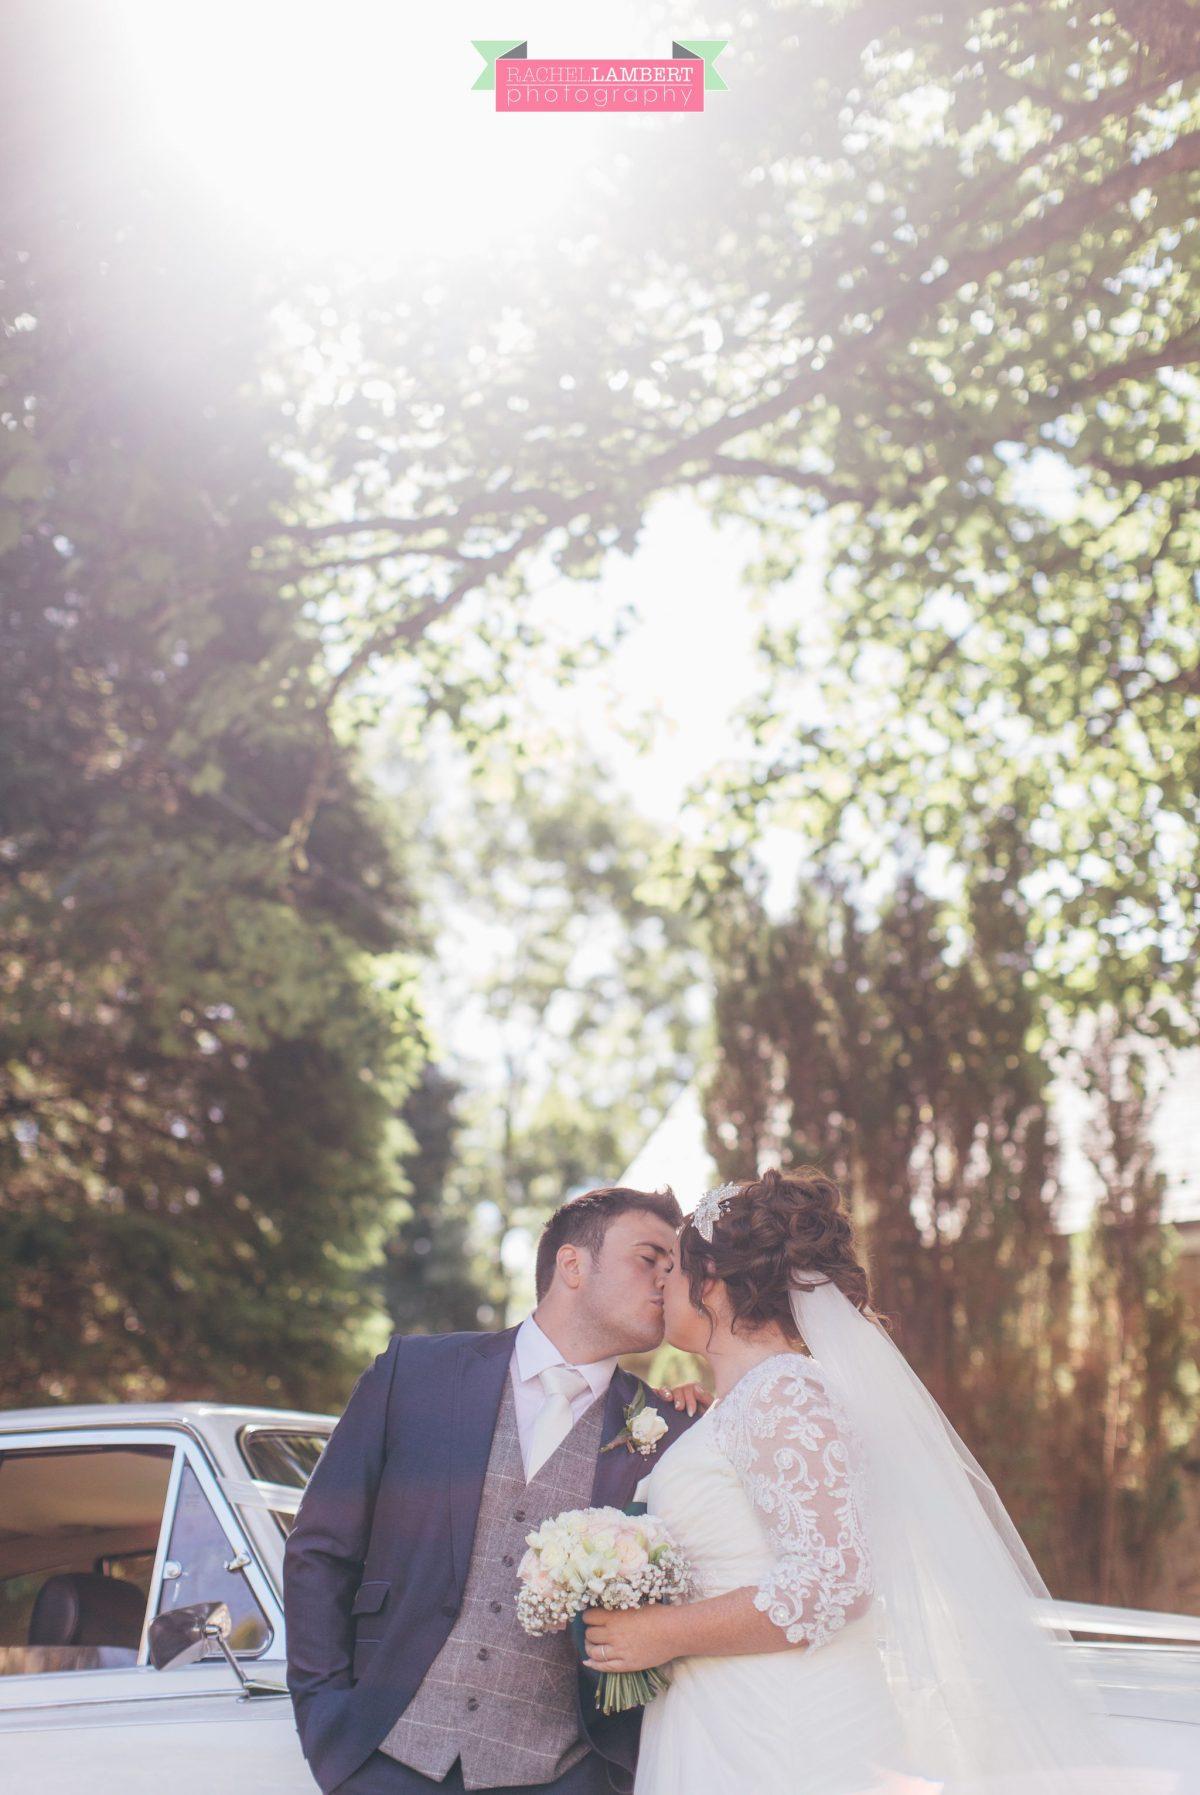 welsh_wedding_photographer_rachel_lambert_photography_pencoed_house_cardiff_rachel_nathan_ 30